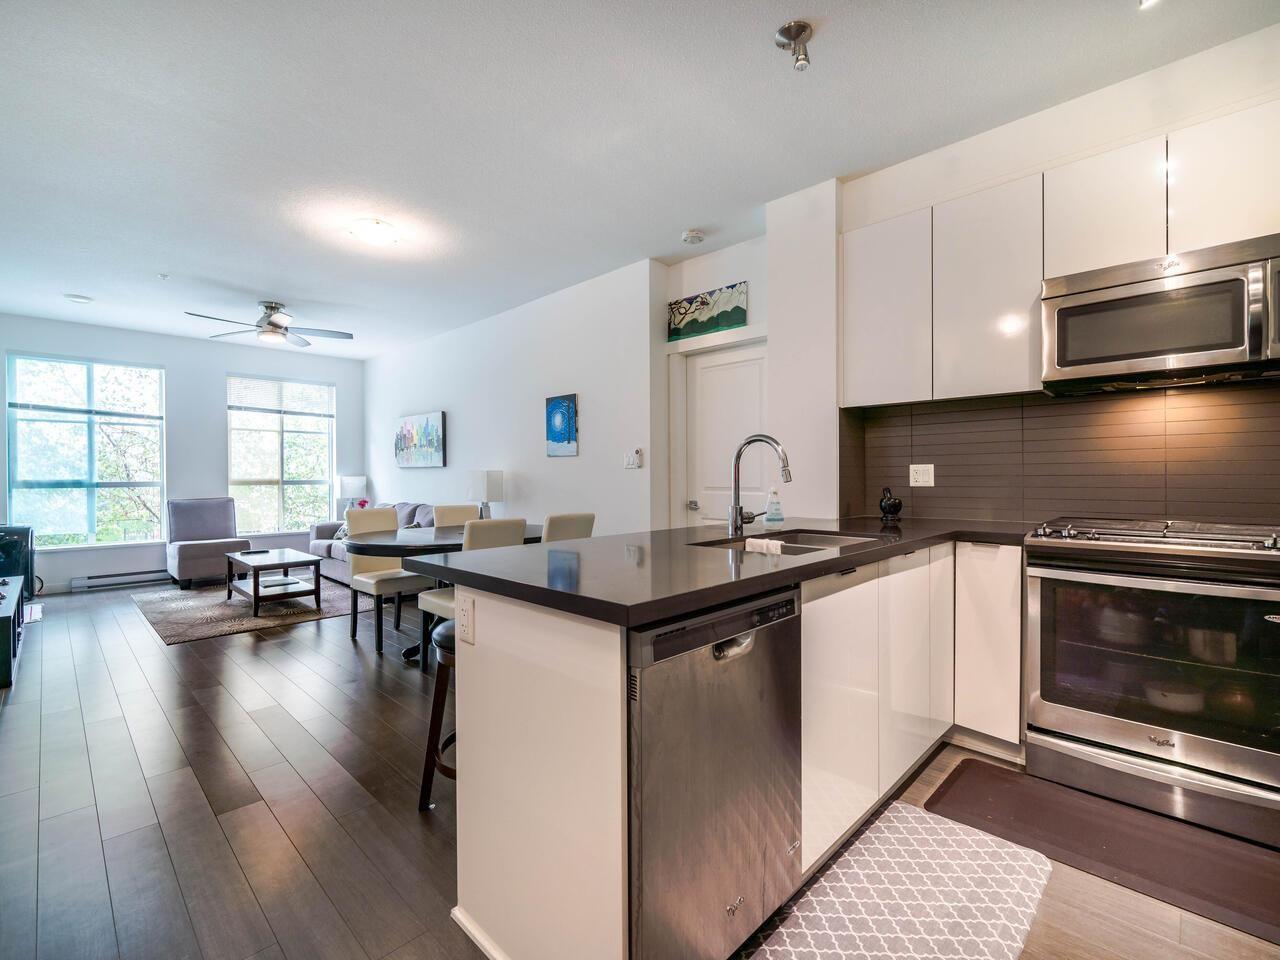 """Photo 4: Photos: 211 15168 33 Avenue in Surrey: Morgan Creek Condo for sale in """"ELGIN HOUSE"""" (South Surrey White Rock)  : MLS®# R2501383"""